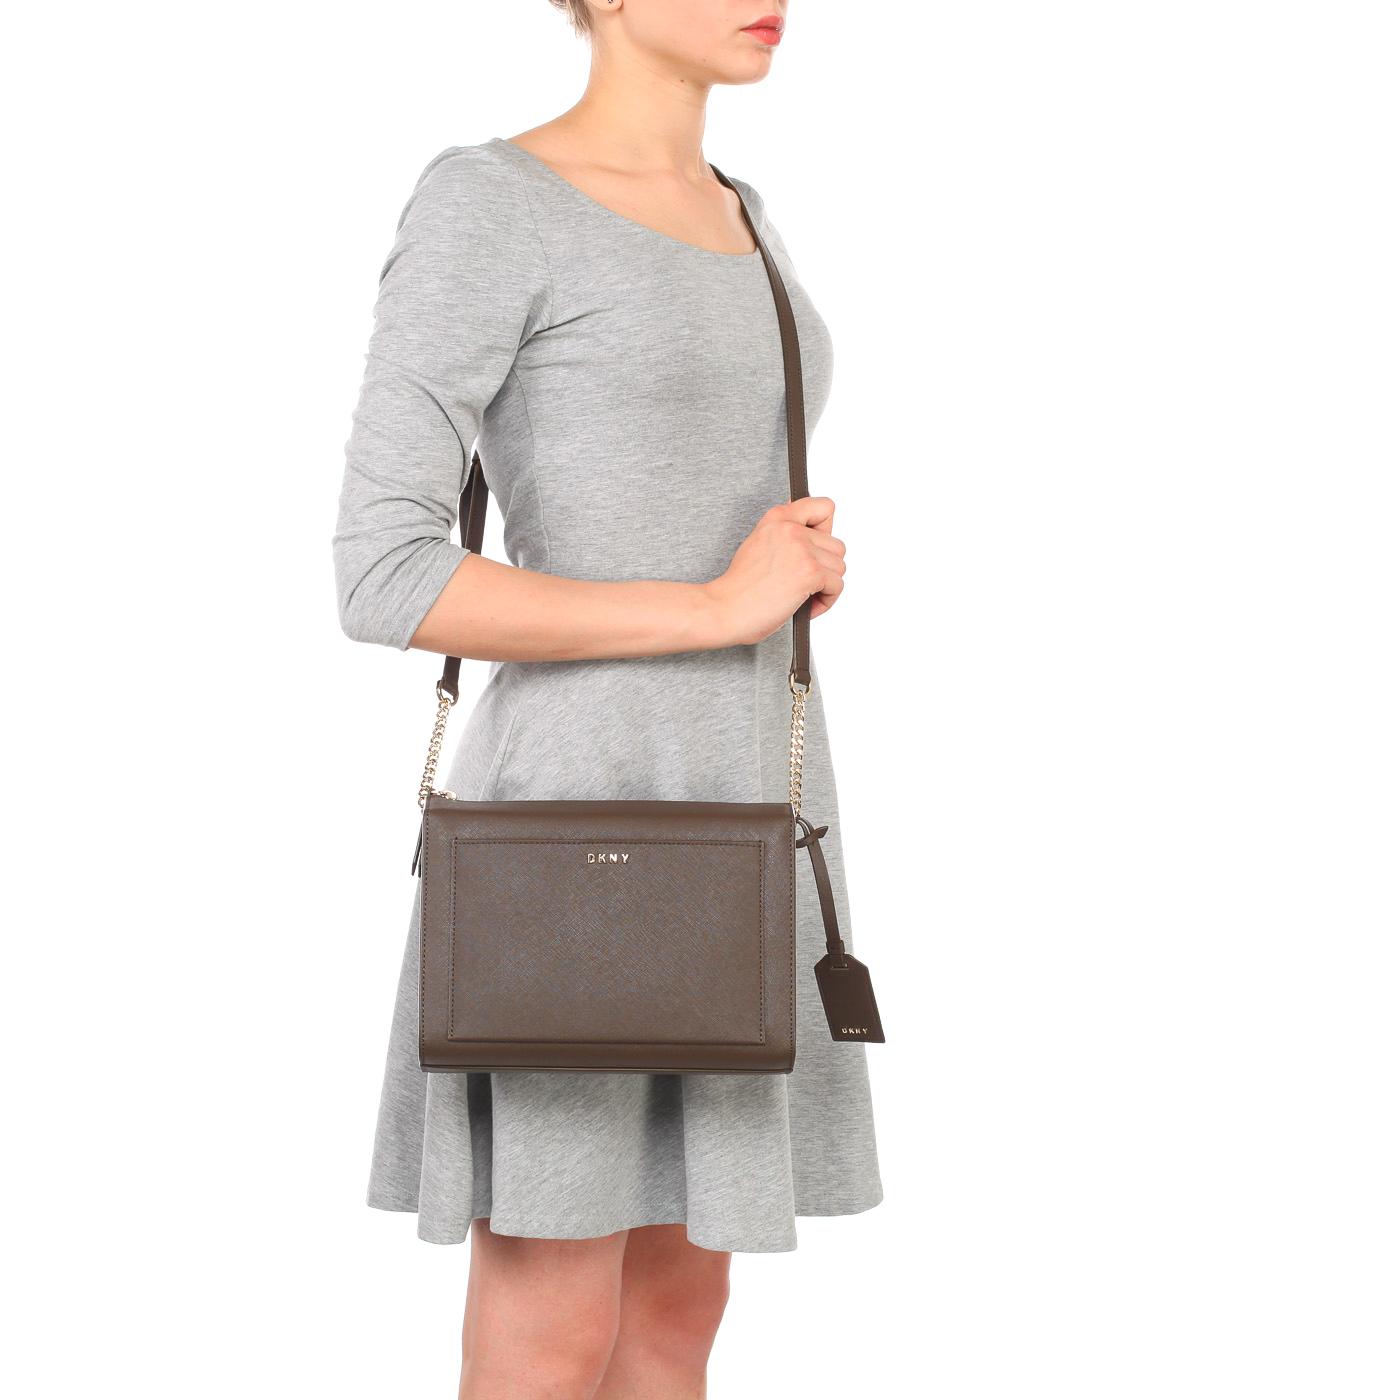 51e2182b25ad ... Коричневая женская сумка из сафьяновой кожи через плечо DKNY Saffiano  ...